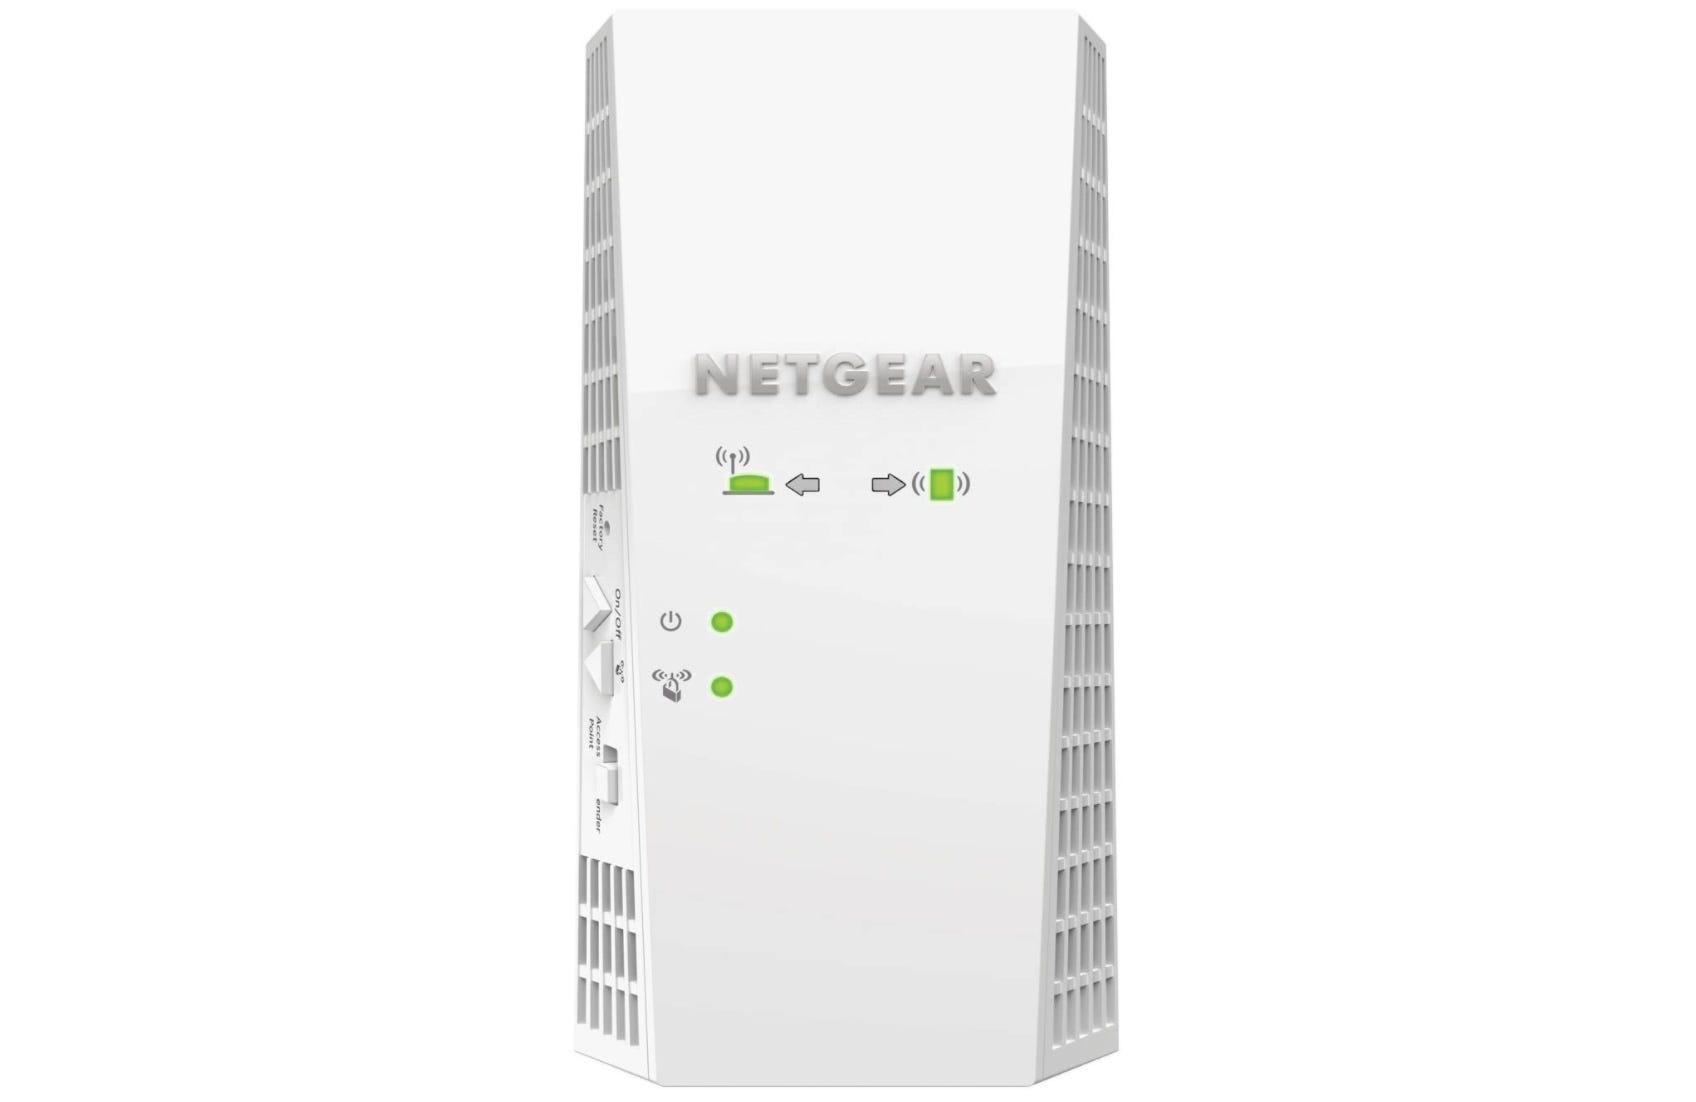 Extensor de gamă Netgear X4